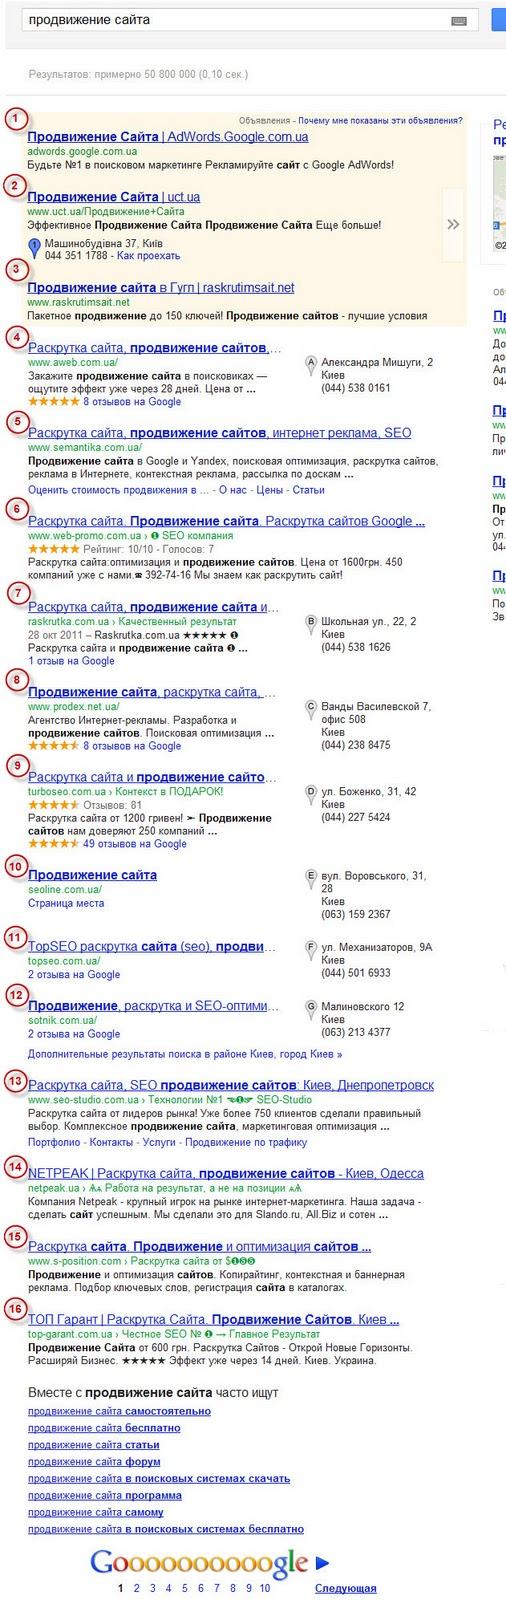 Смешанная поисковая выдача/универсальный поиск по запросу `продвижение сайта` в google.com.ua (Киев, 11/12/2011, браузер Google Chrome)